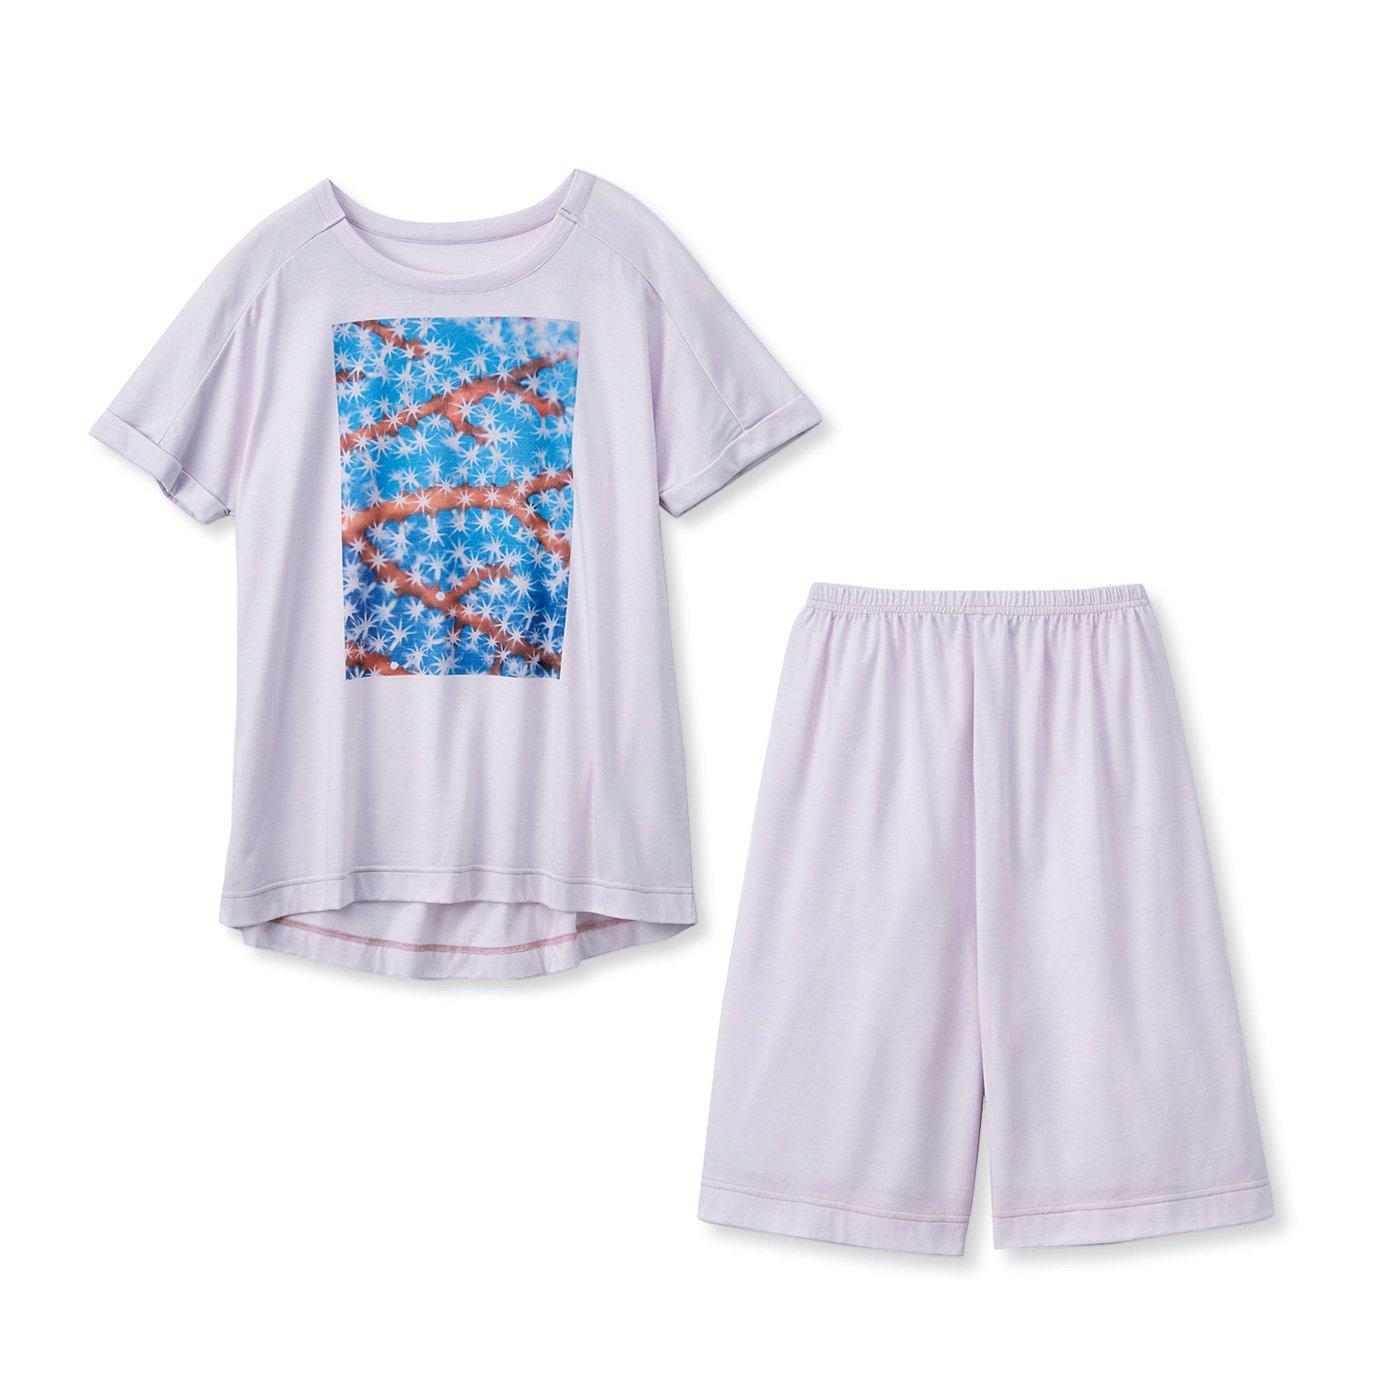 frauglatt×海とかもめ部 さらり快適海中の世界をまとう しあわせTシャツ&ショートパンツセット〈サンゴピンク〉